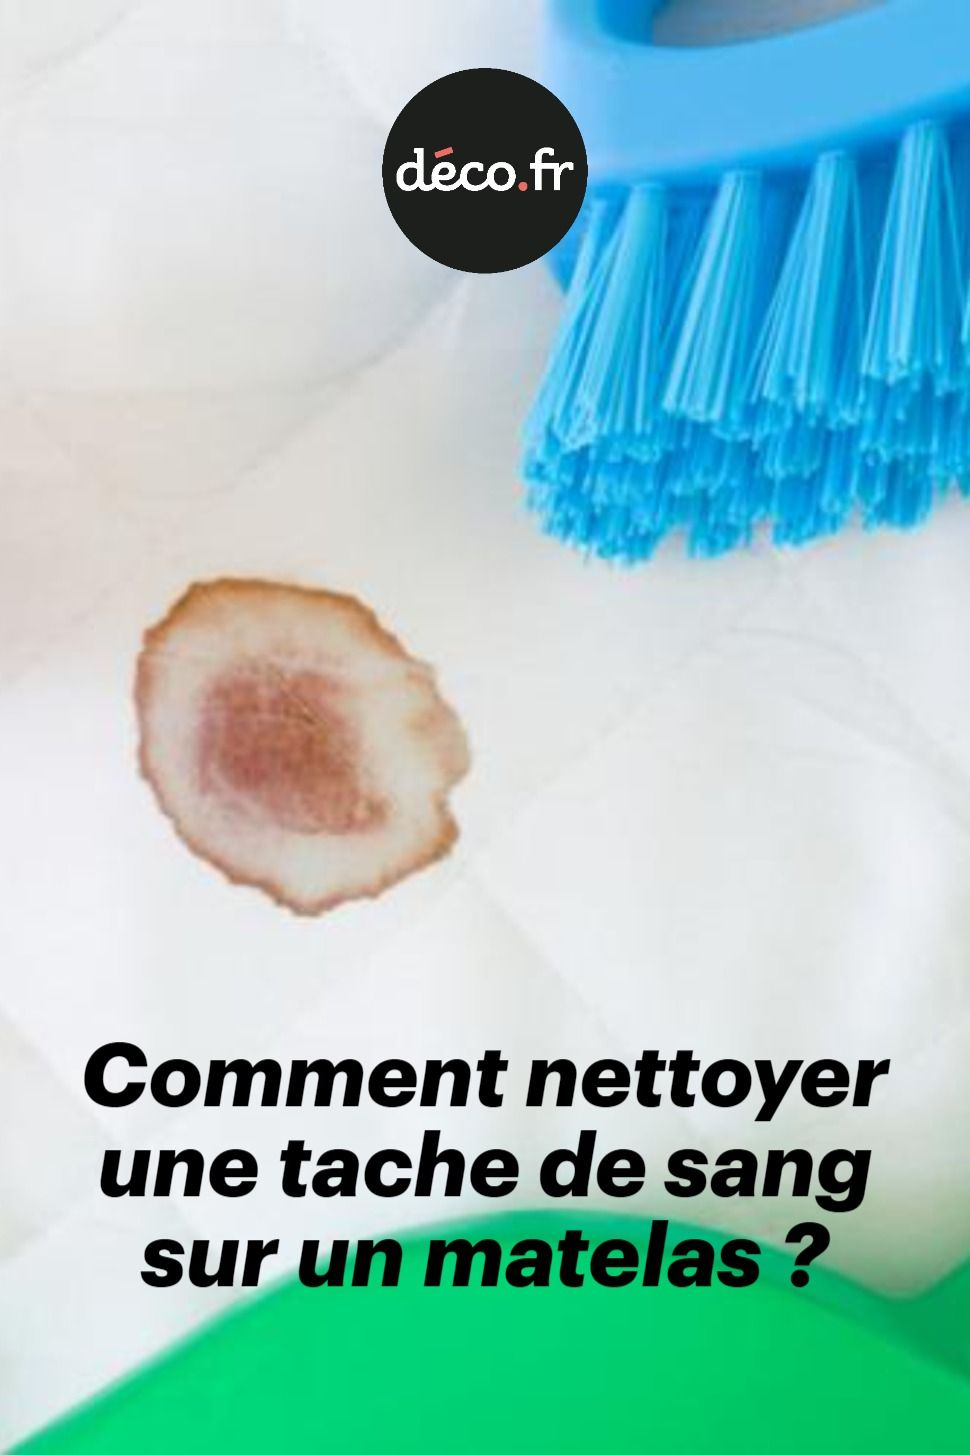 Nettoyer Une Tache De Sang : nettoyer, tache, Comment, Nettoyer, Tache, Matelas, Sang,, Nettoyer,